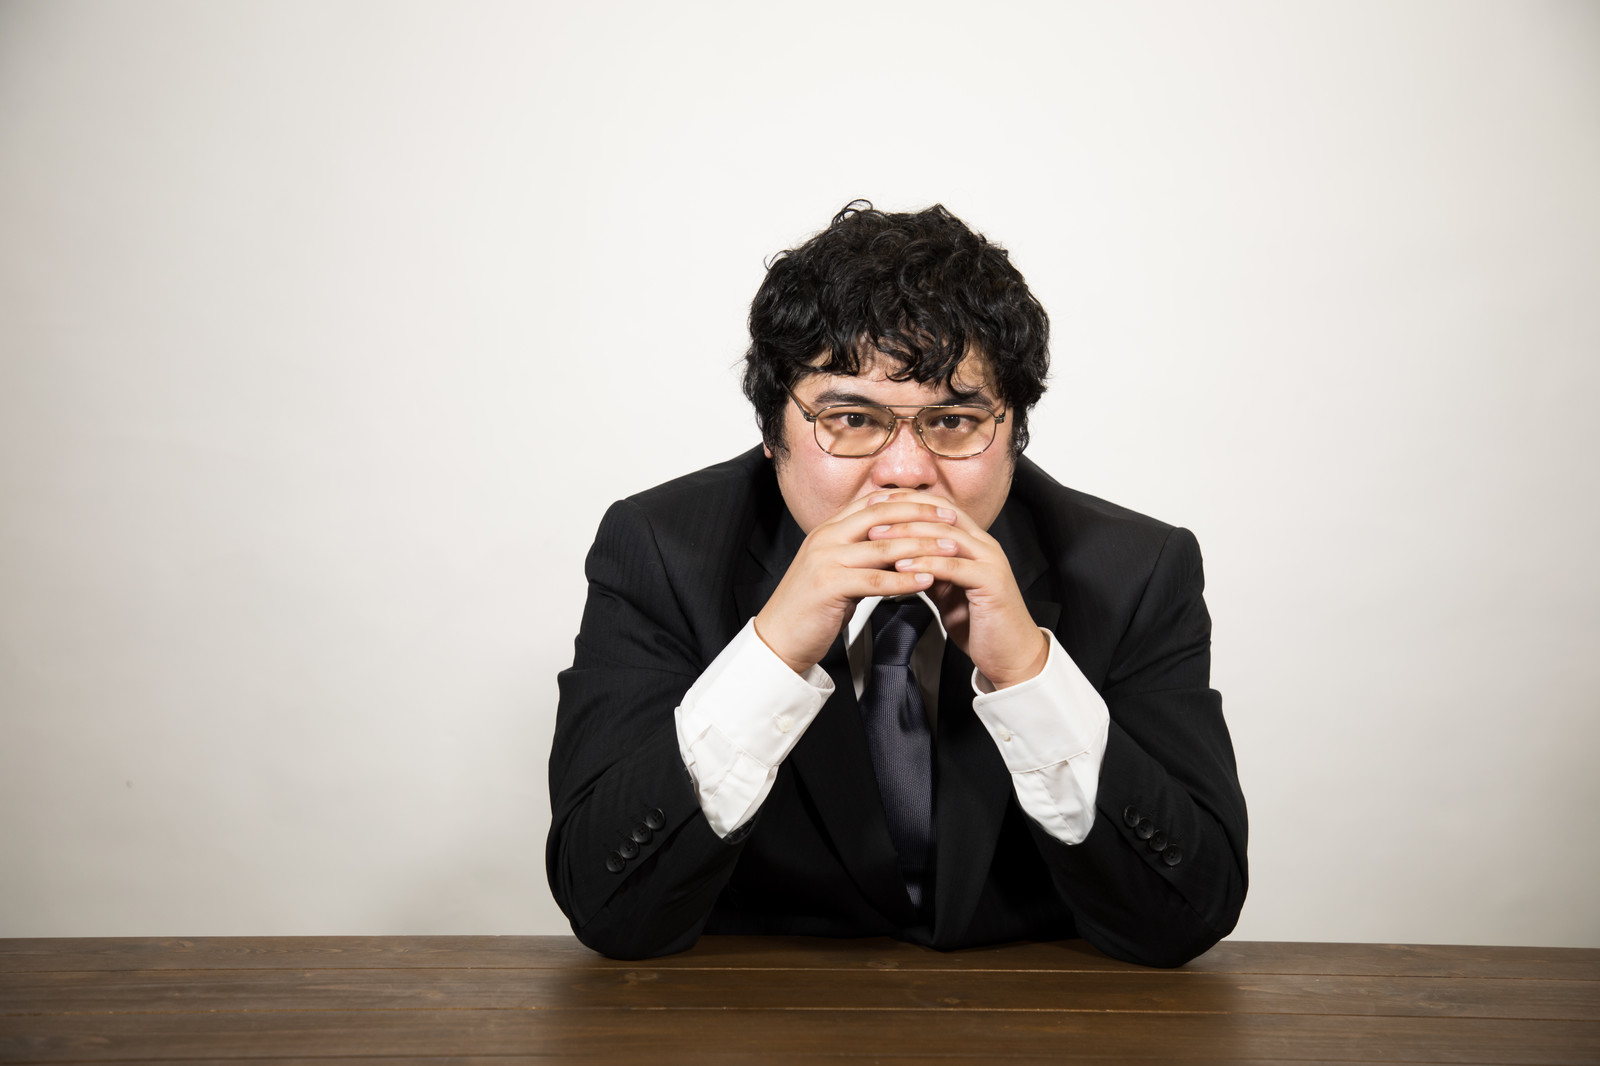 コミュニケーションが苦手な人へ。不利にならない仕事と克服方法を教えます